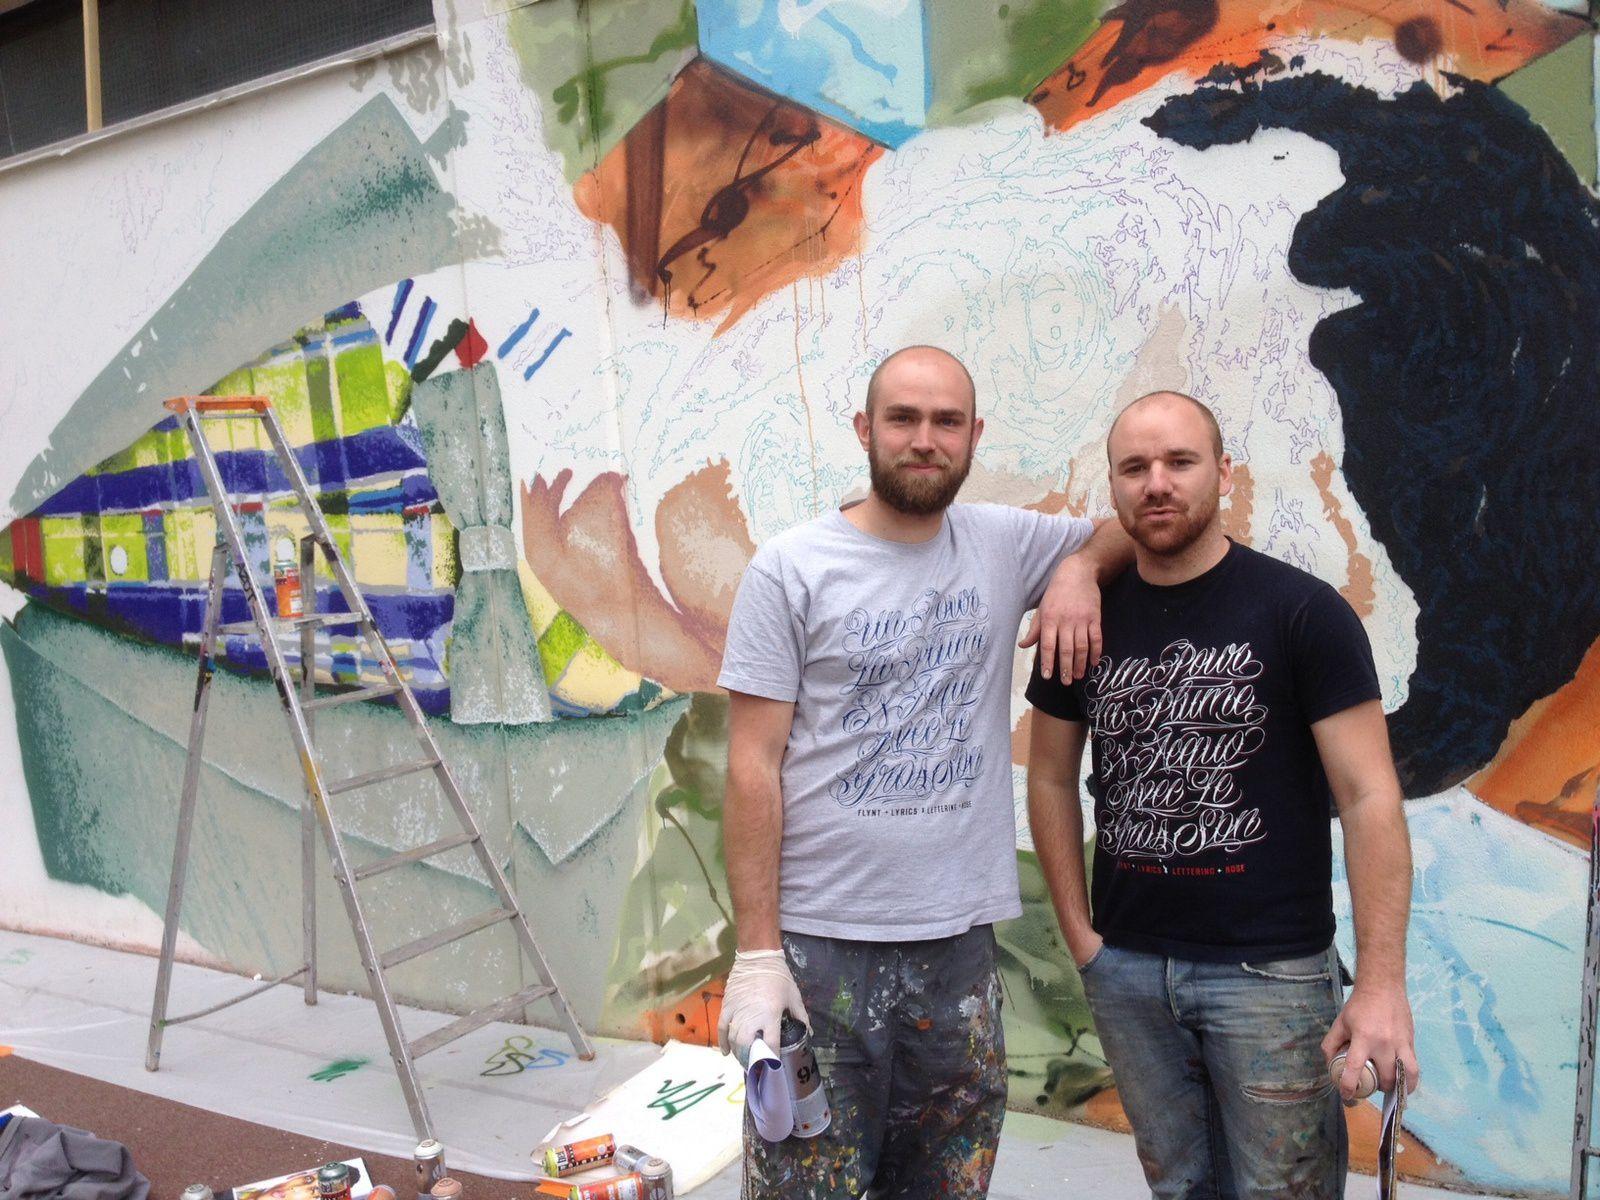 Paul (à gauche) et Rémi ont bossé plusieurs jours pour réaliser cette fresque en hommage à Stromae.